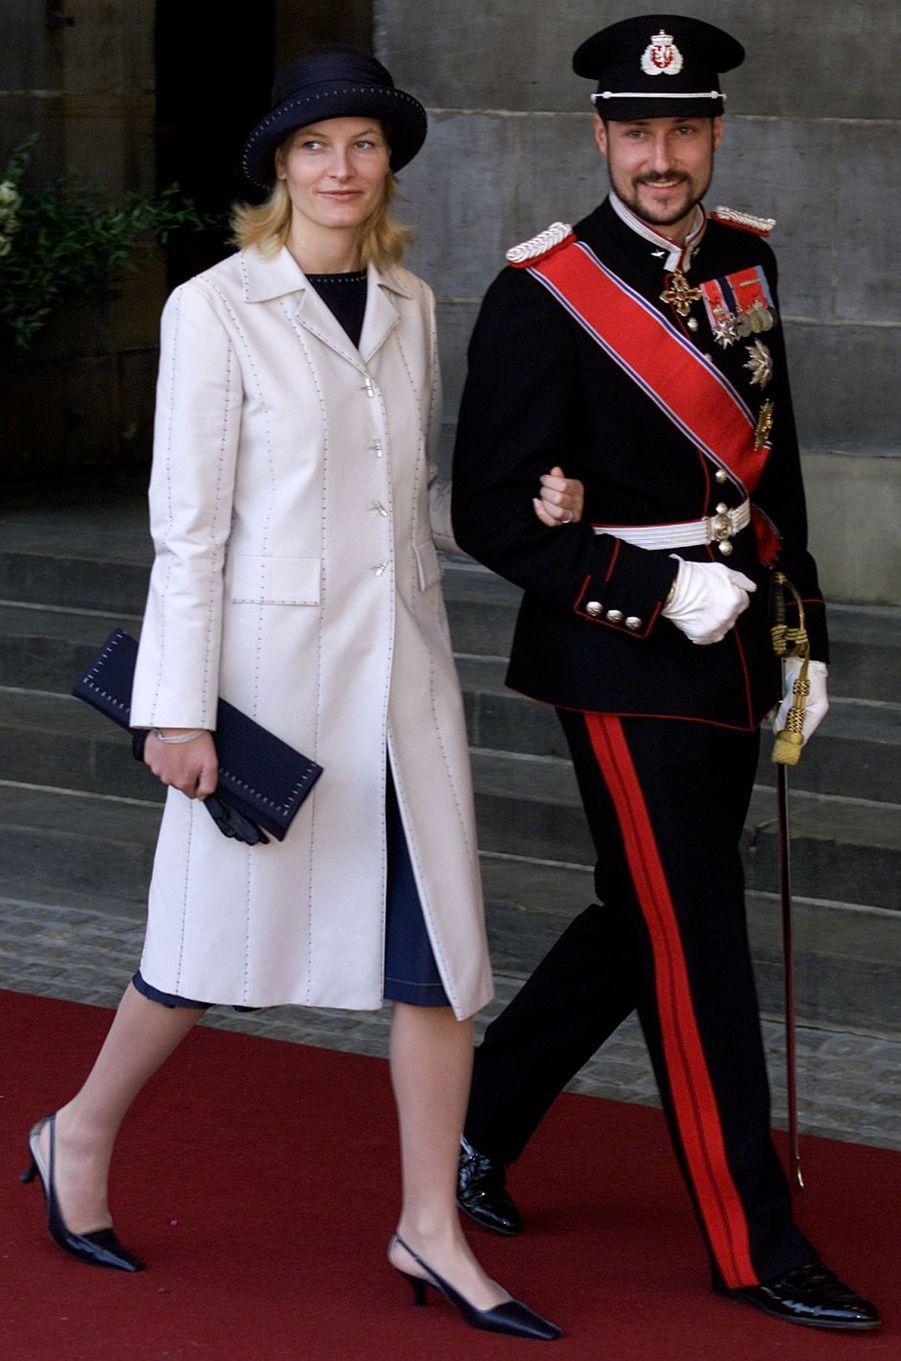 La princesse Mette-Marit et le prince Haakon de Norvège au mariage du prince Willem-Alexander des Pays-Bas etde Maxima Zorreguieta à Amsterdam, le 2 février 2002